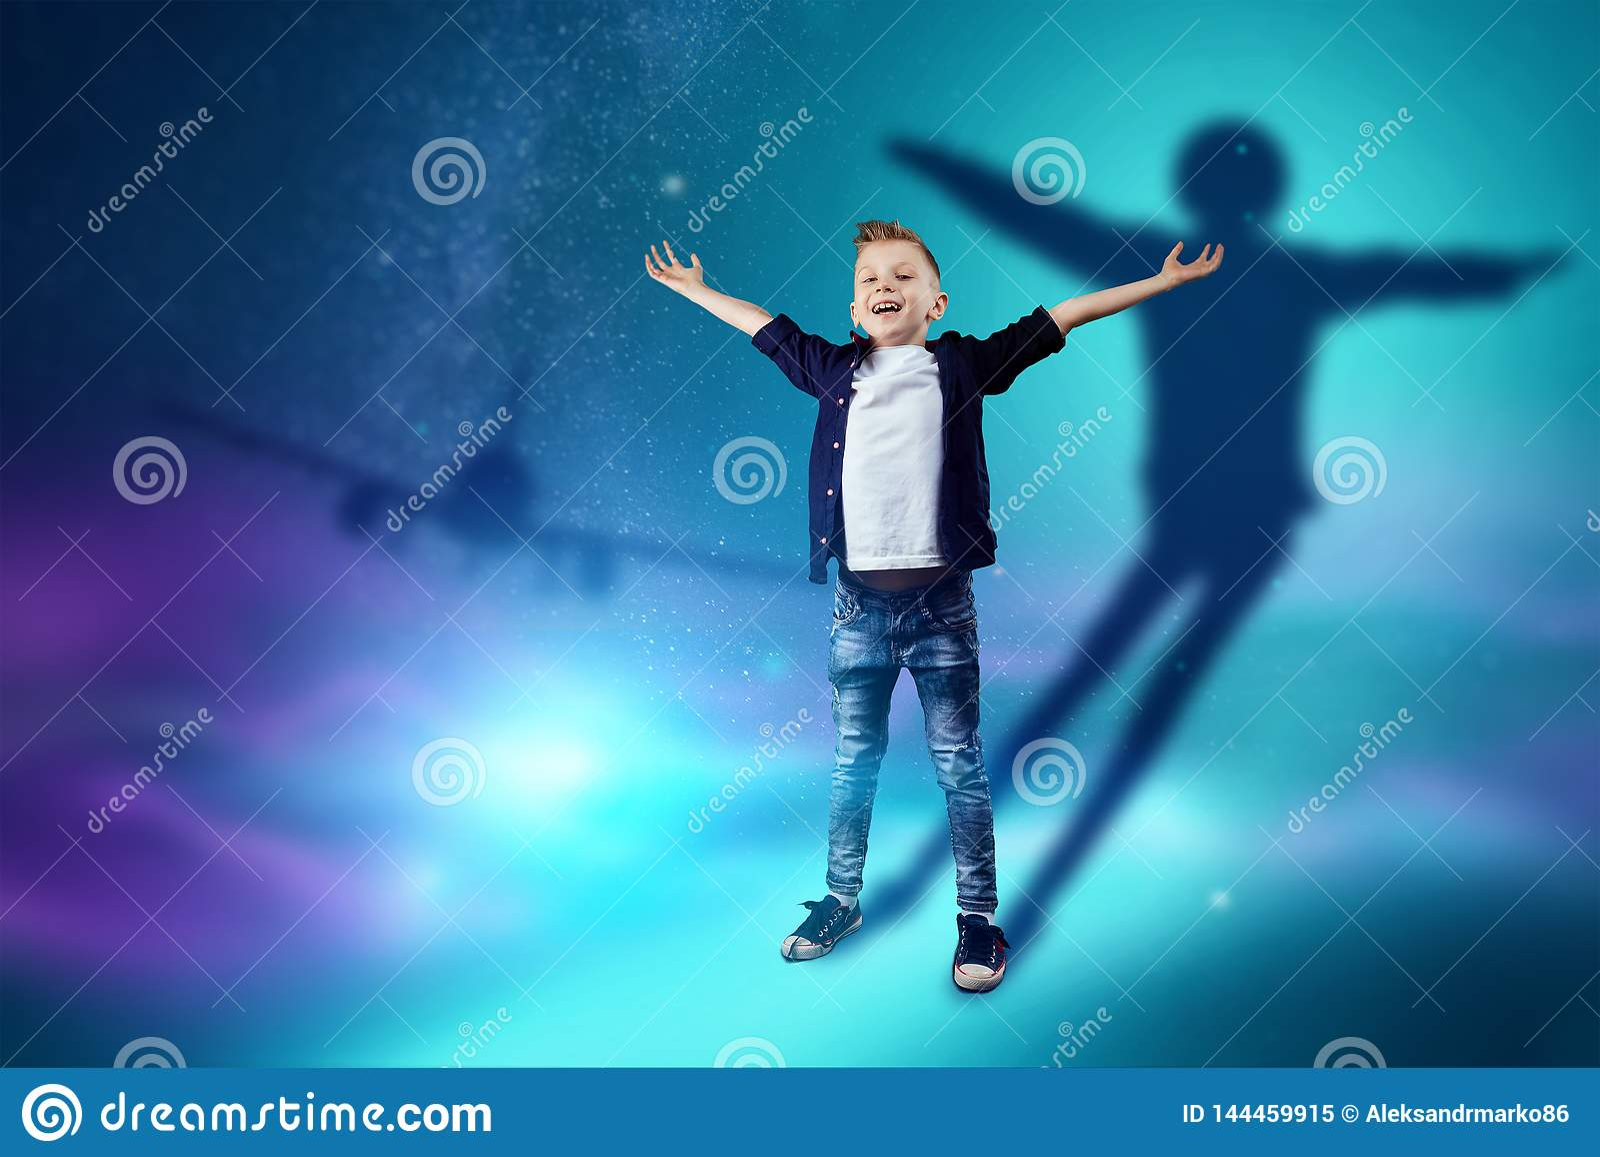 La scelta della professione, il futuro del bambino I sogni del ragazzo di trasformarsi in un pilota Professione di concetto, avia